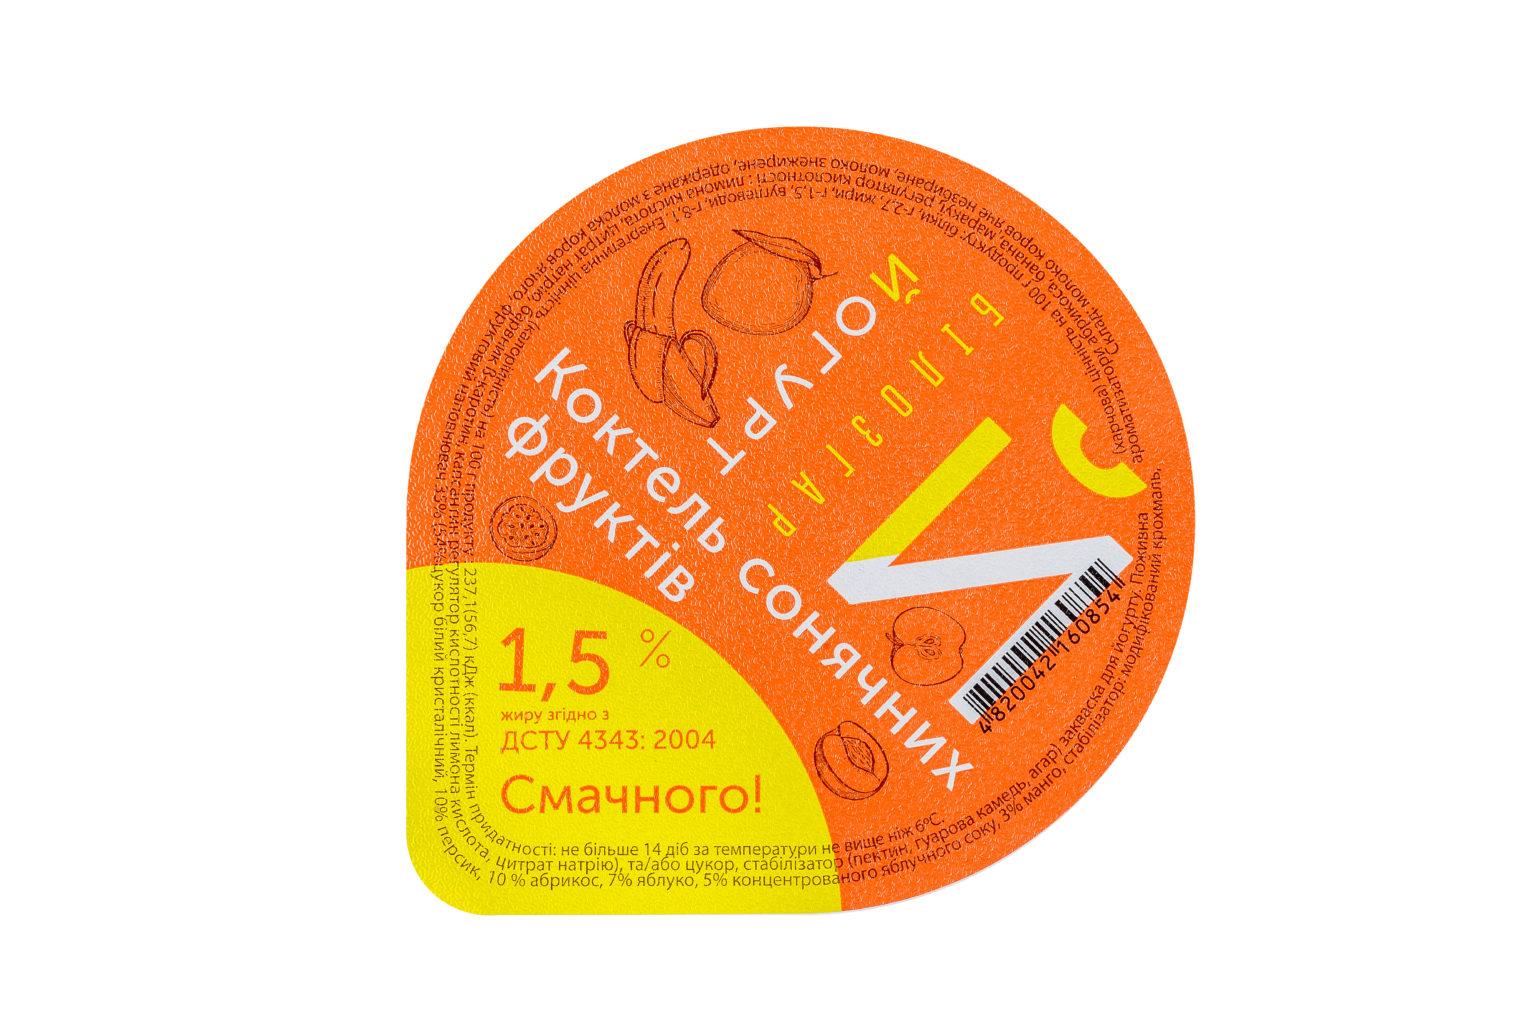 ЙОГУРТ 'КОКТЕЙЛЬ СОЛНЕЧНЫХ ФРУКТОВ' 1,5% ЖИРА